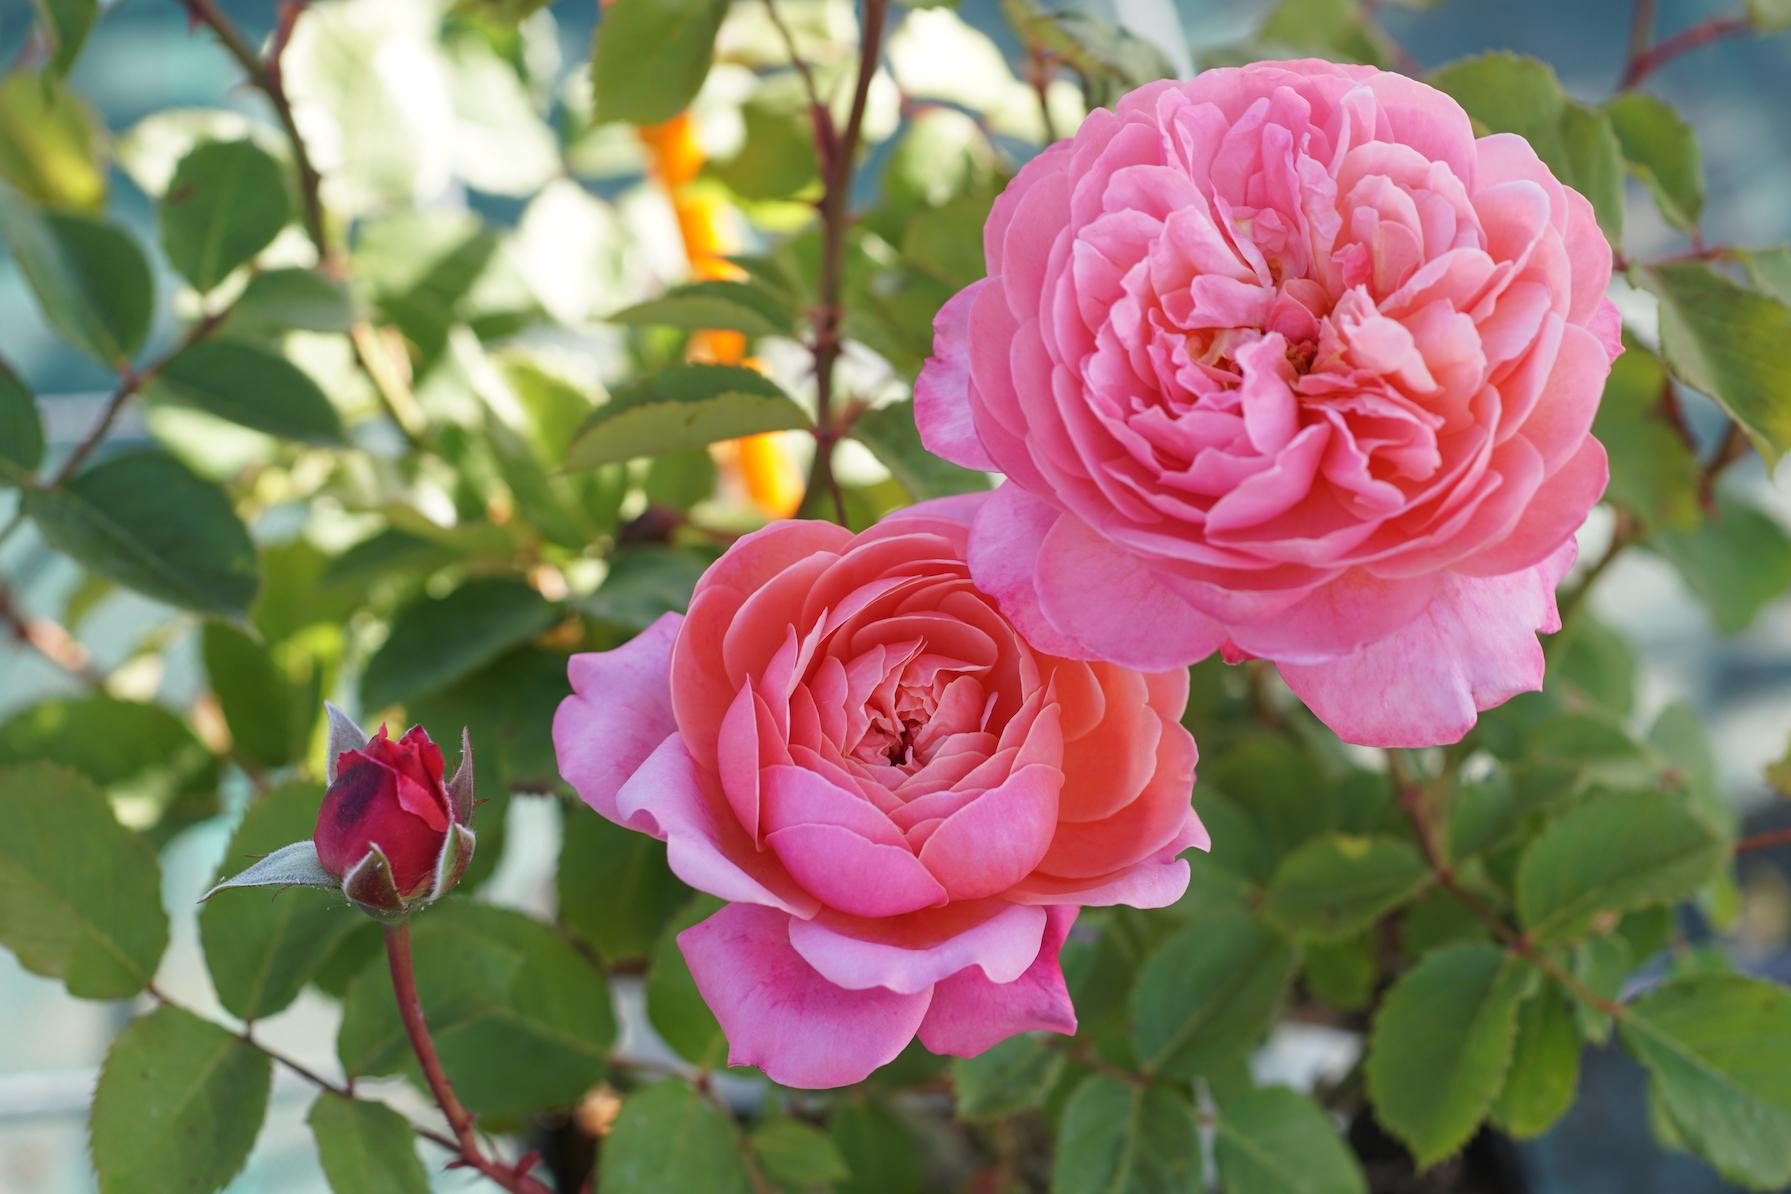 Rosier buisson au port souple Générosa® Prix PJ Redouté® - Roses Guillot®